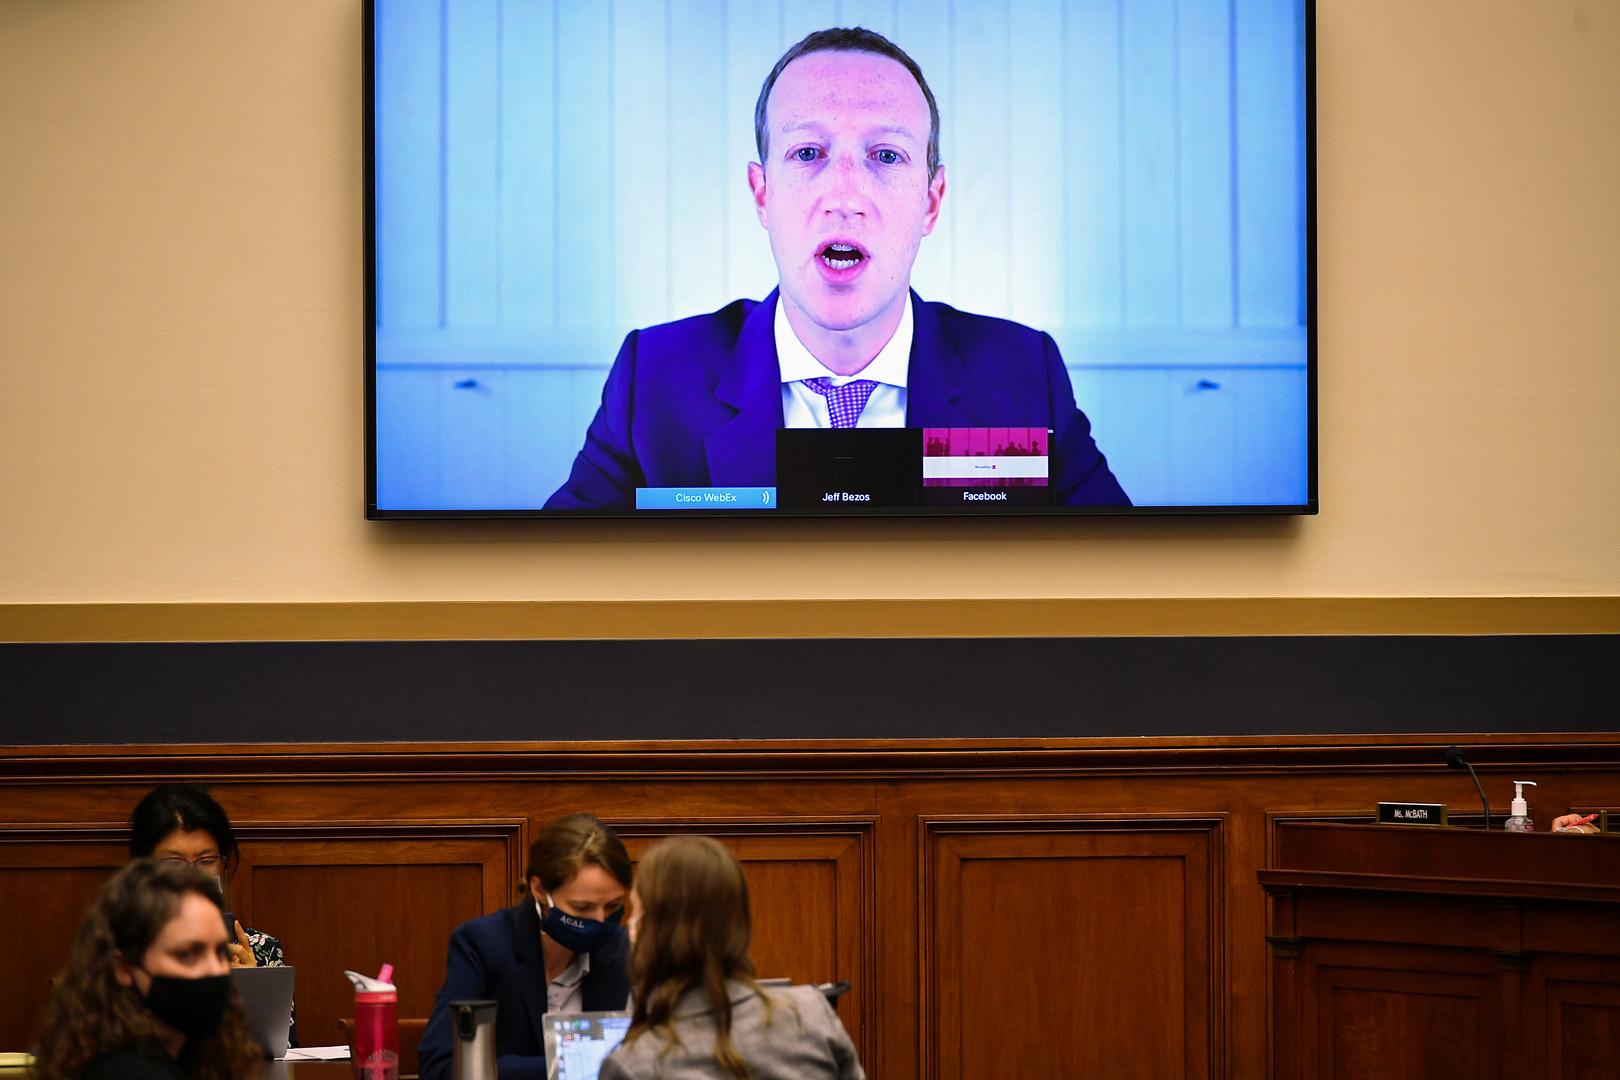 الشركات التكنولوجية العملاقة تحذر: سنضطر لتشديد الرقابة على التواصل الاجتماعي